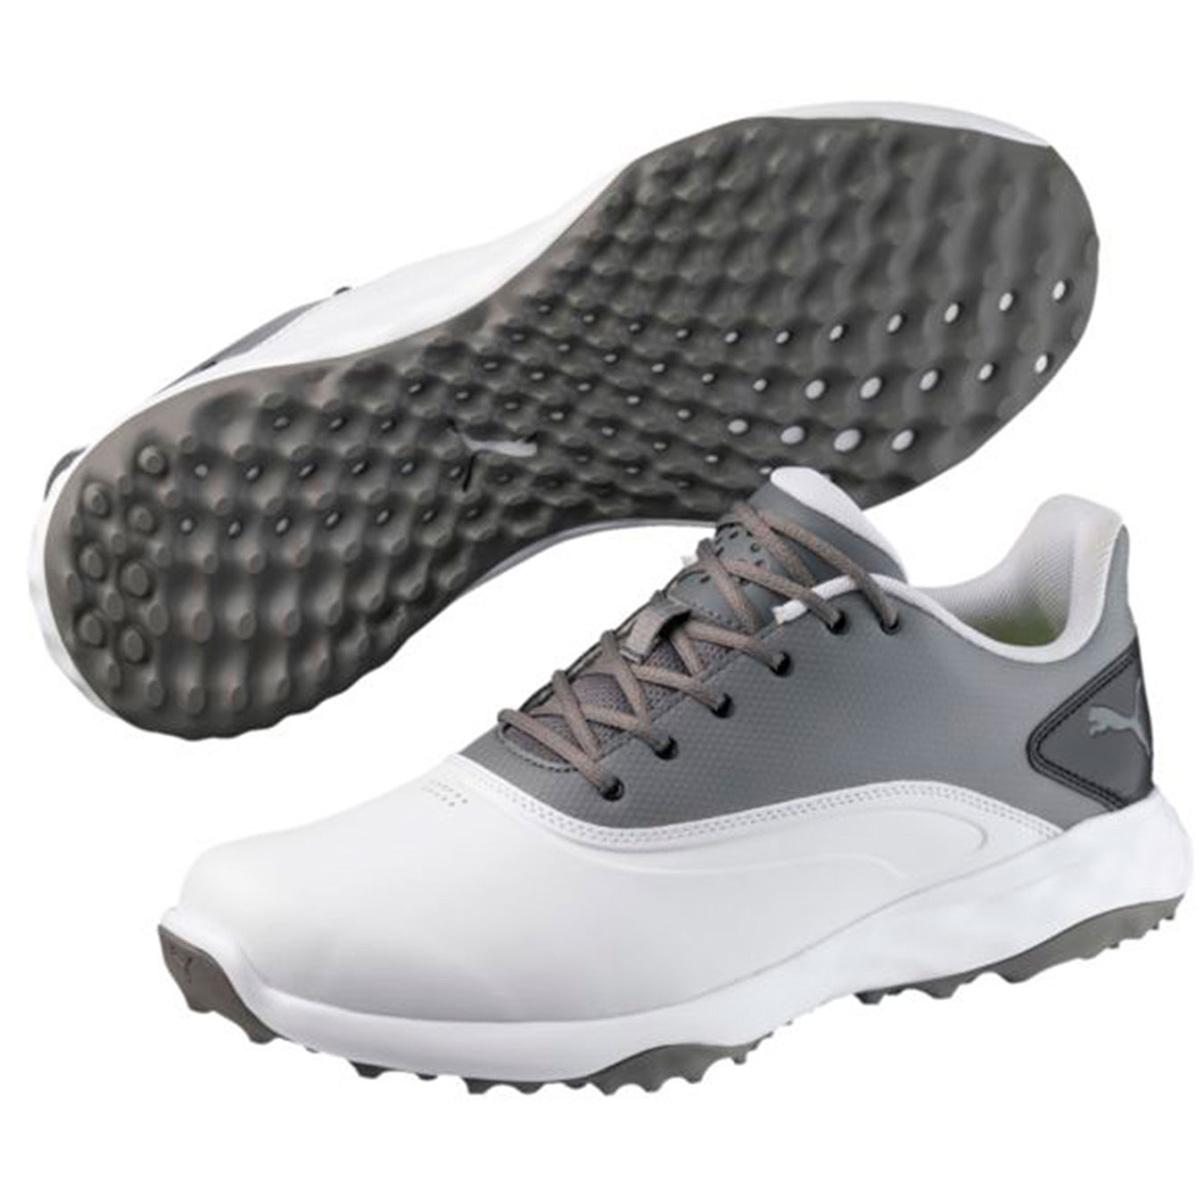 4e697d70e5 PUMA Golf Grip Fusion Shoes